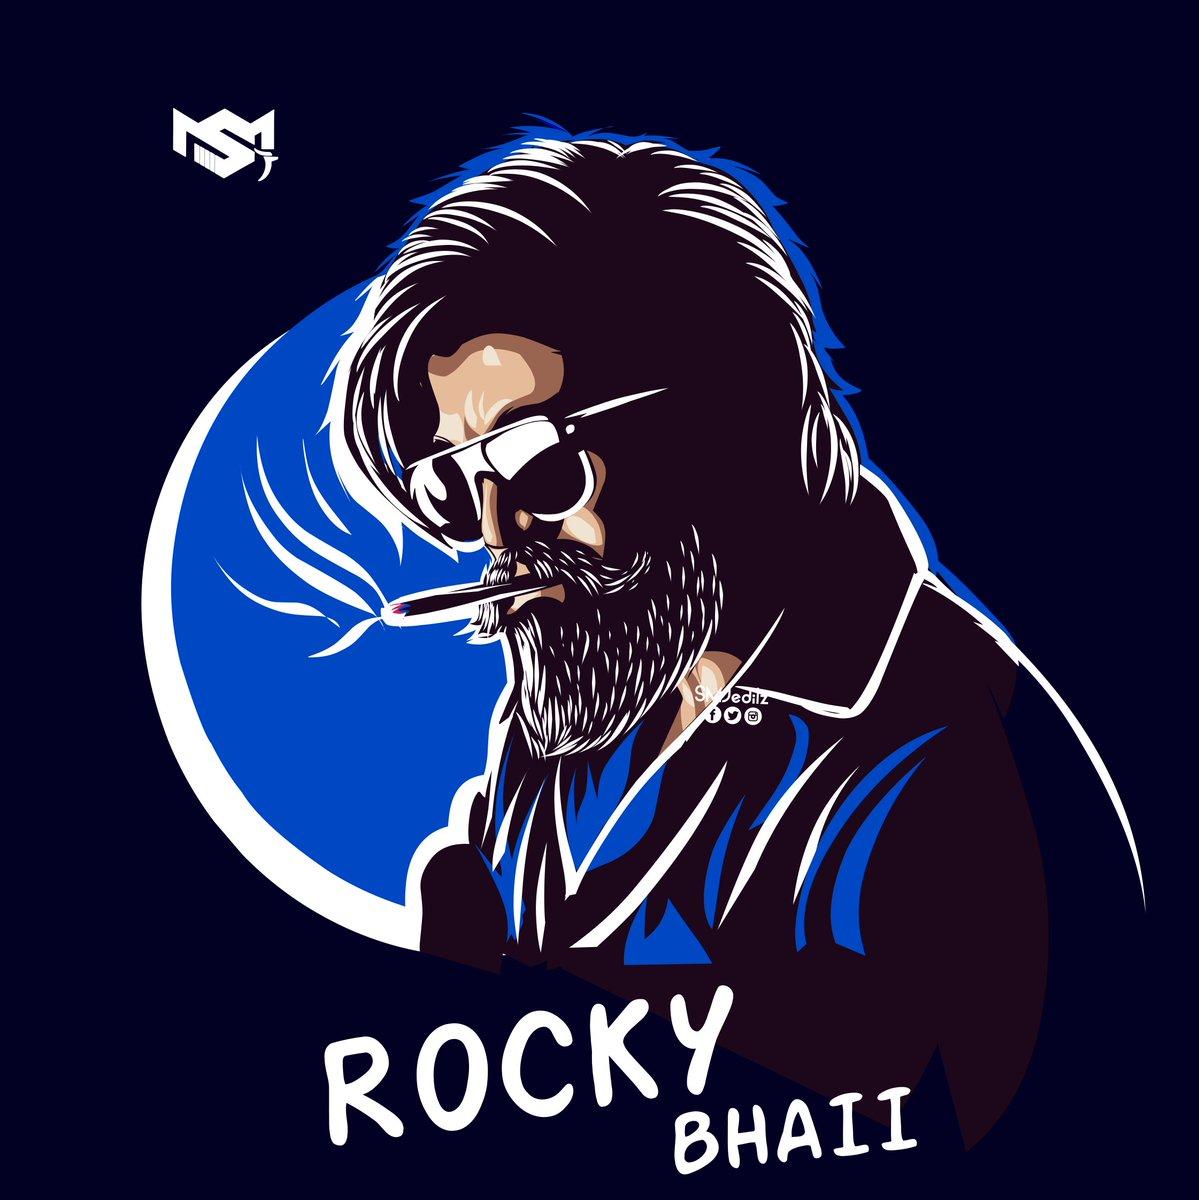 #Illustration artwork 🎨✍️  Rocky bhaii💥💥🔥   #KGFChapter2teaser  @prashanth_neel @hombalefilms  #WeWantKGFChapter2Teaser #smjeditz https://t.co/Mbh9ZLArmq